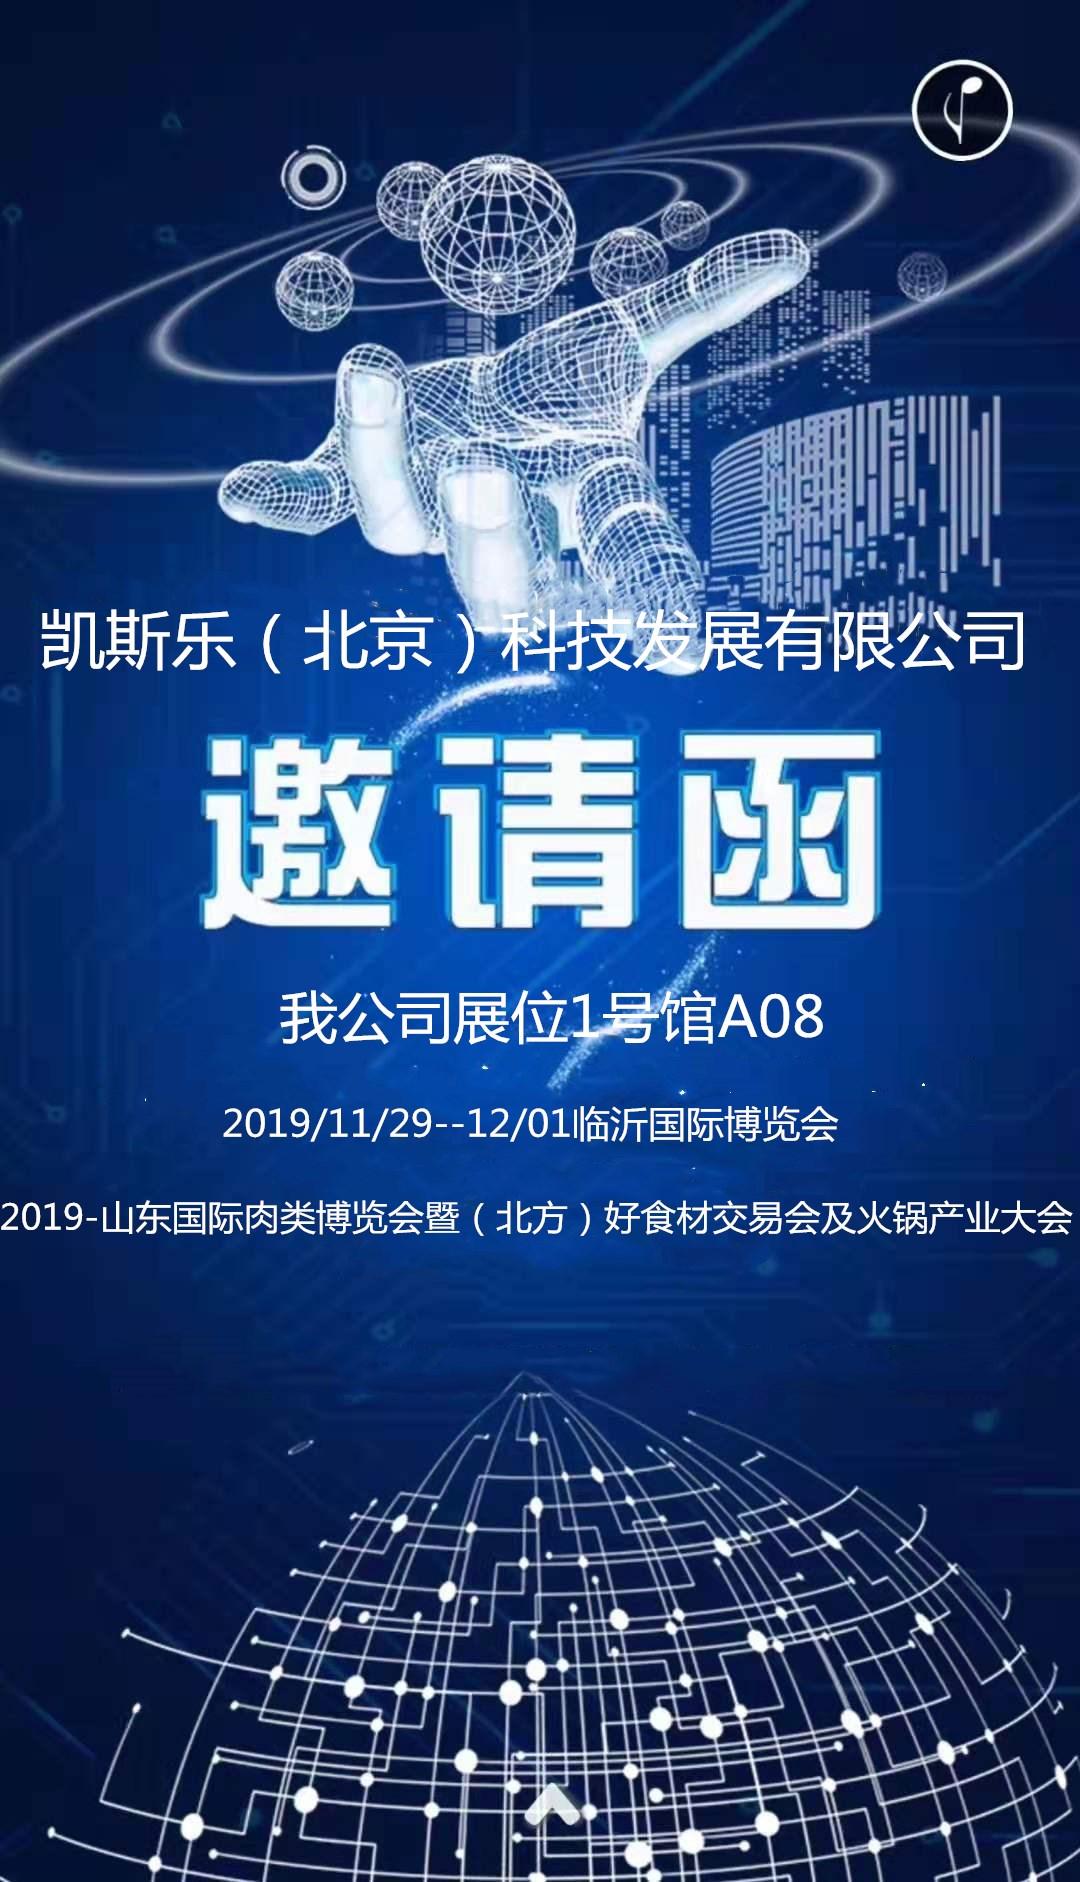 2019-山东国际肉类博览会暨(北方)好食材交易会及火锅产业大会